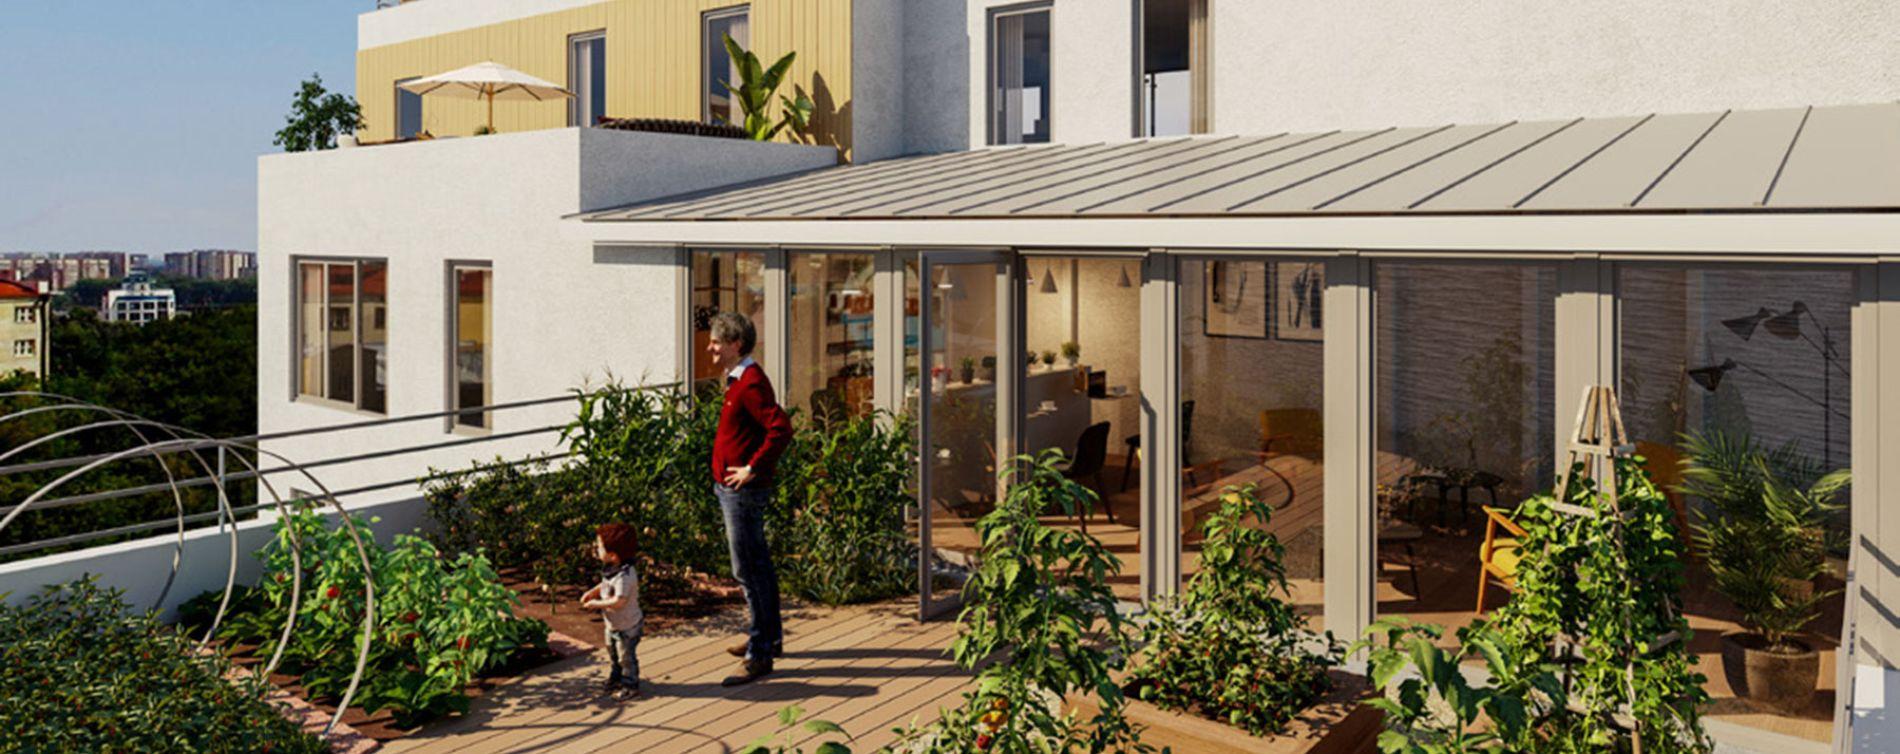 Résidence Les Jardins Suspendus à Bezons